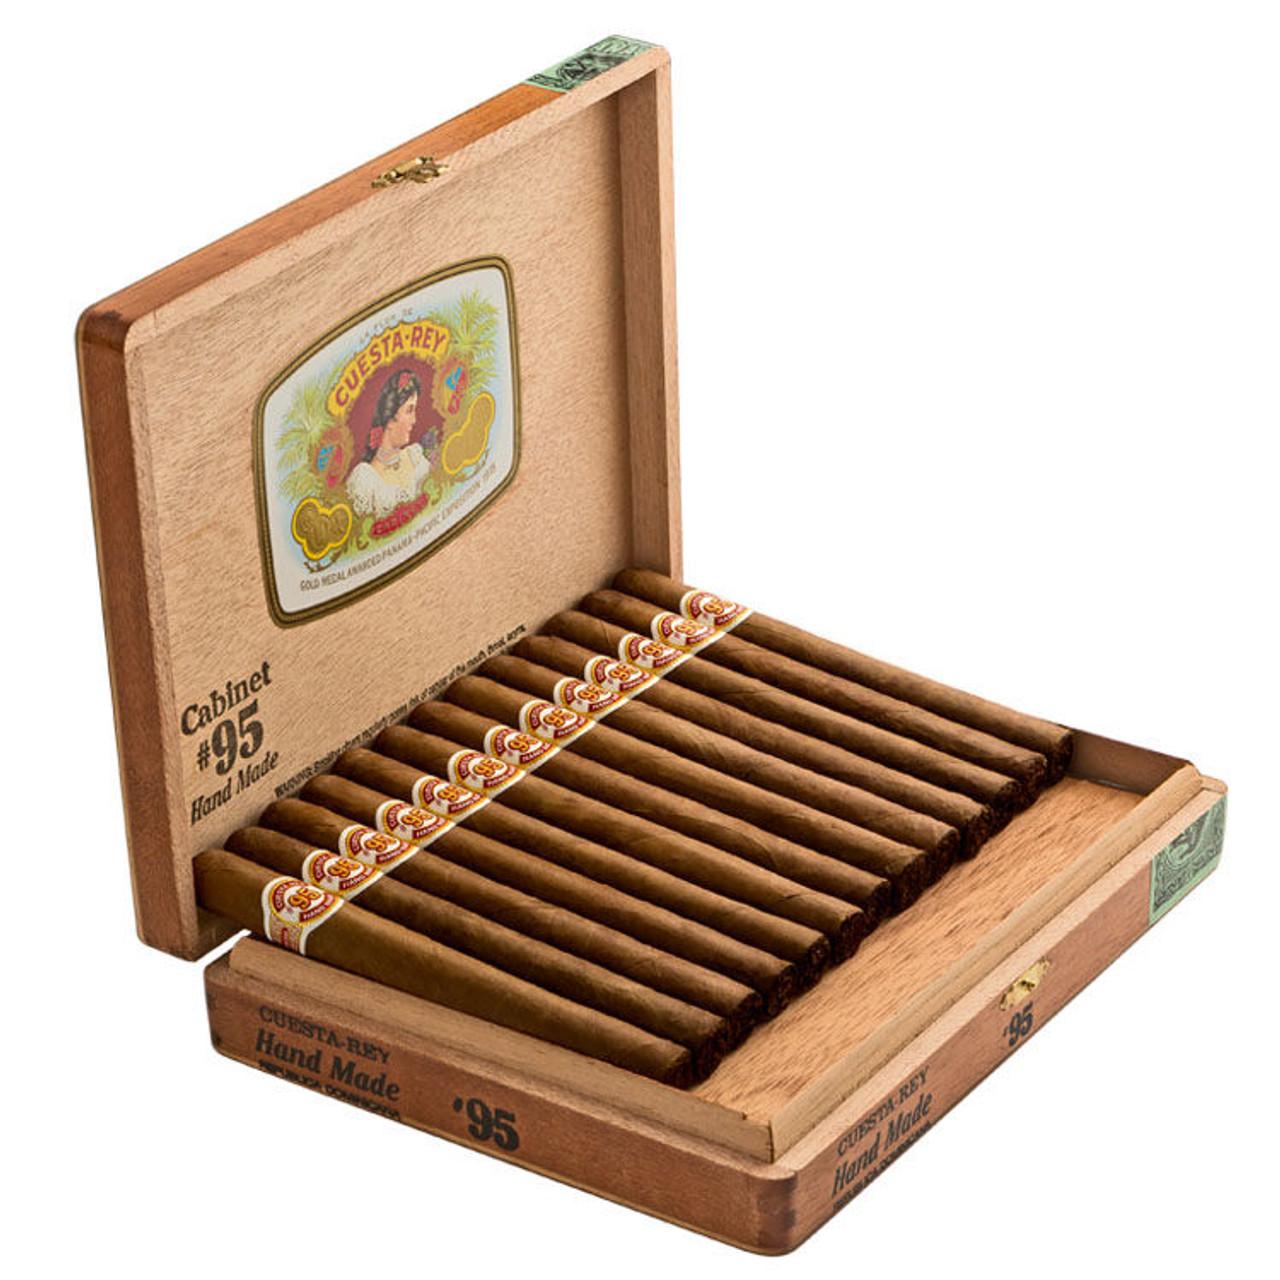 Cuesta Rey Cabinet No. 95 Cigars - 6 1/4 x 42 (Box of 25)